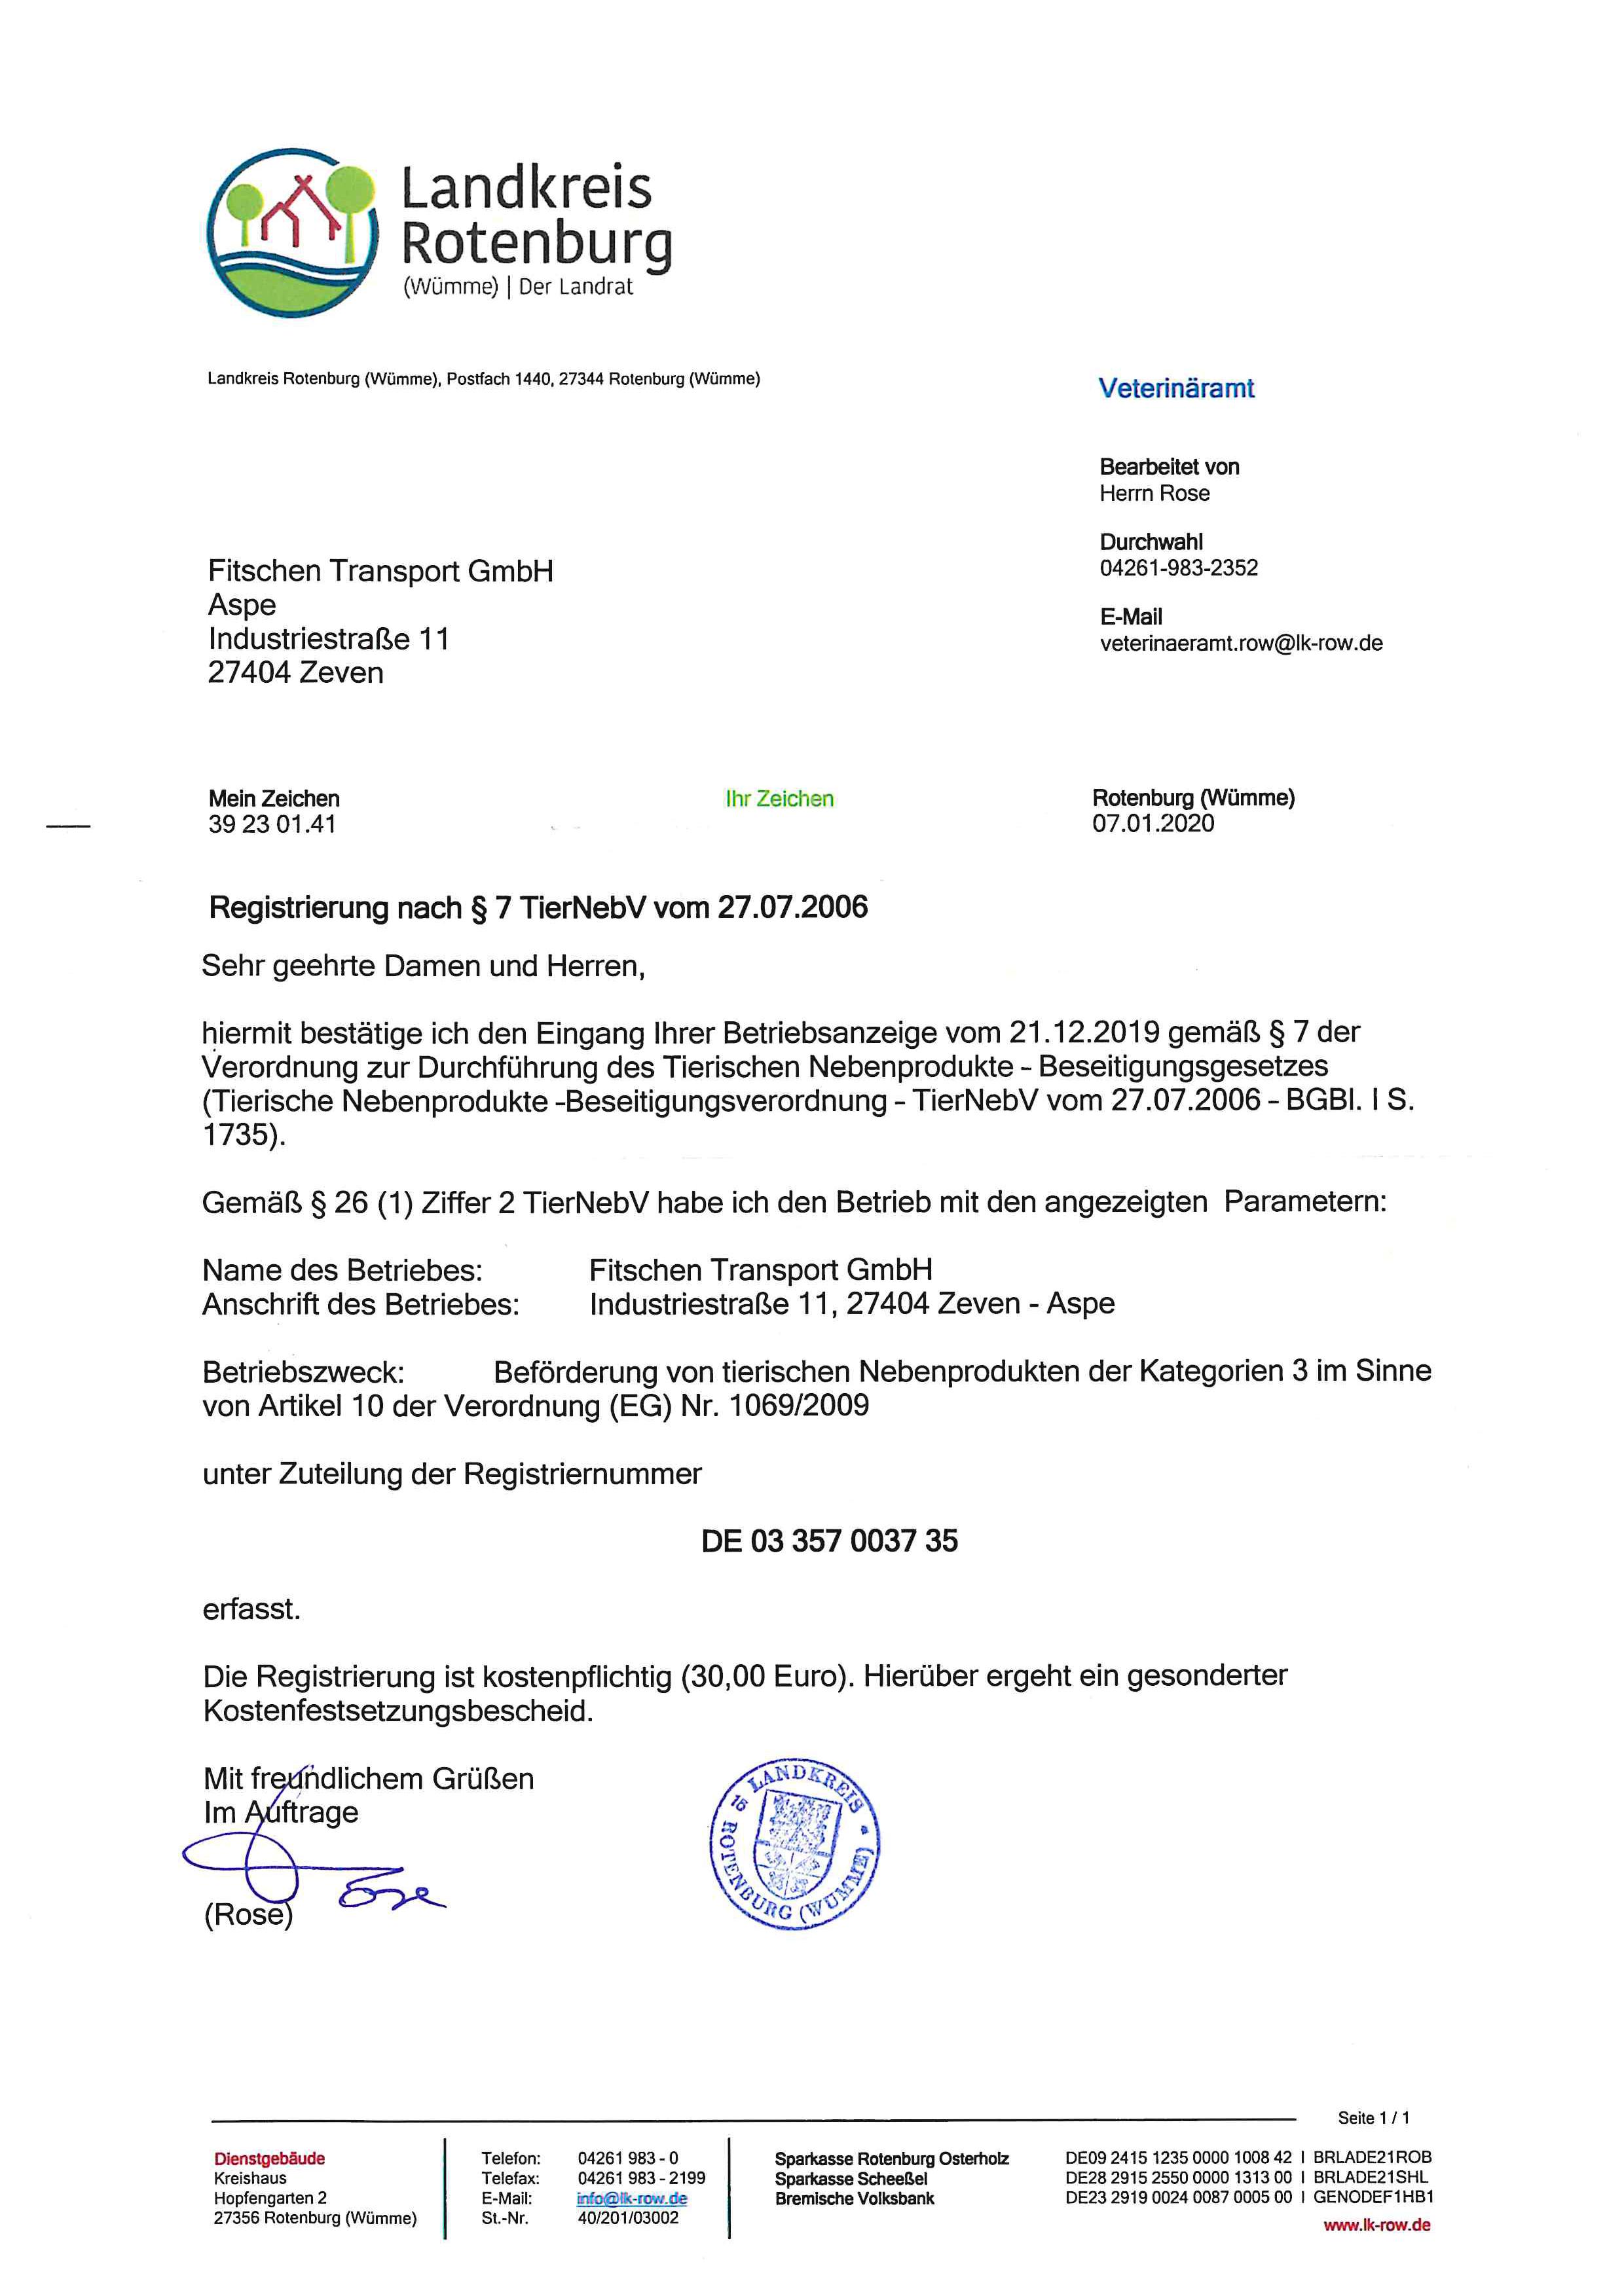 Registrierung nach § 7 TierNebV - KAT 3 Genehmigung